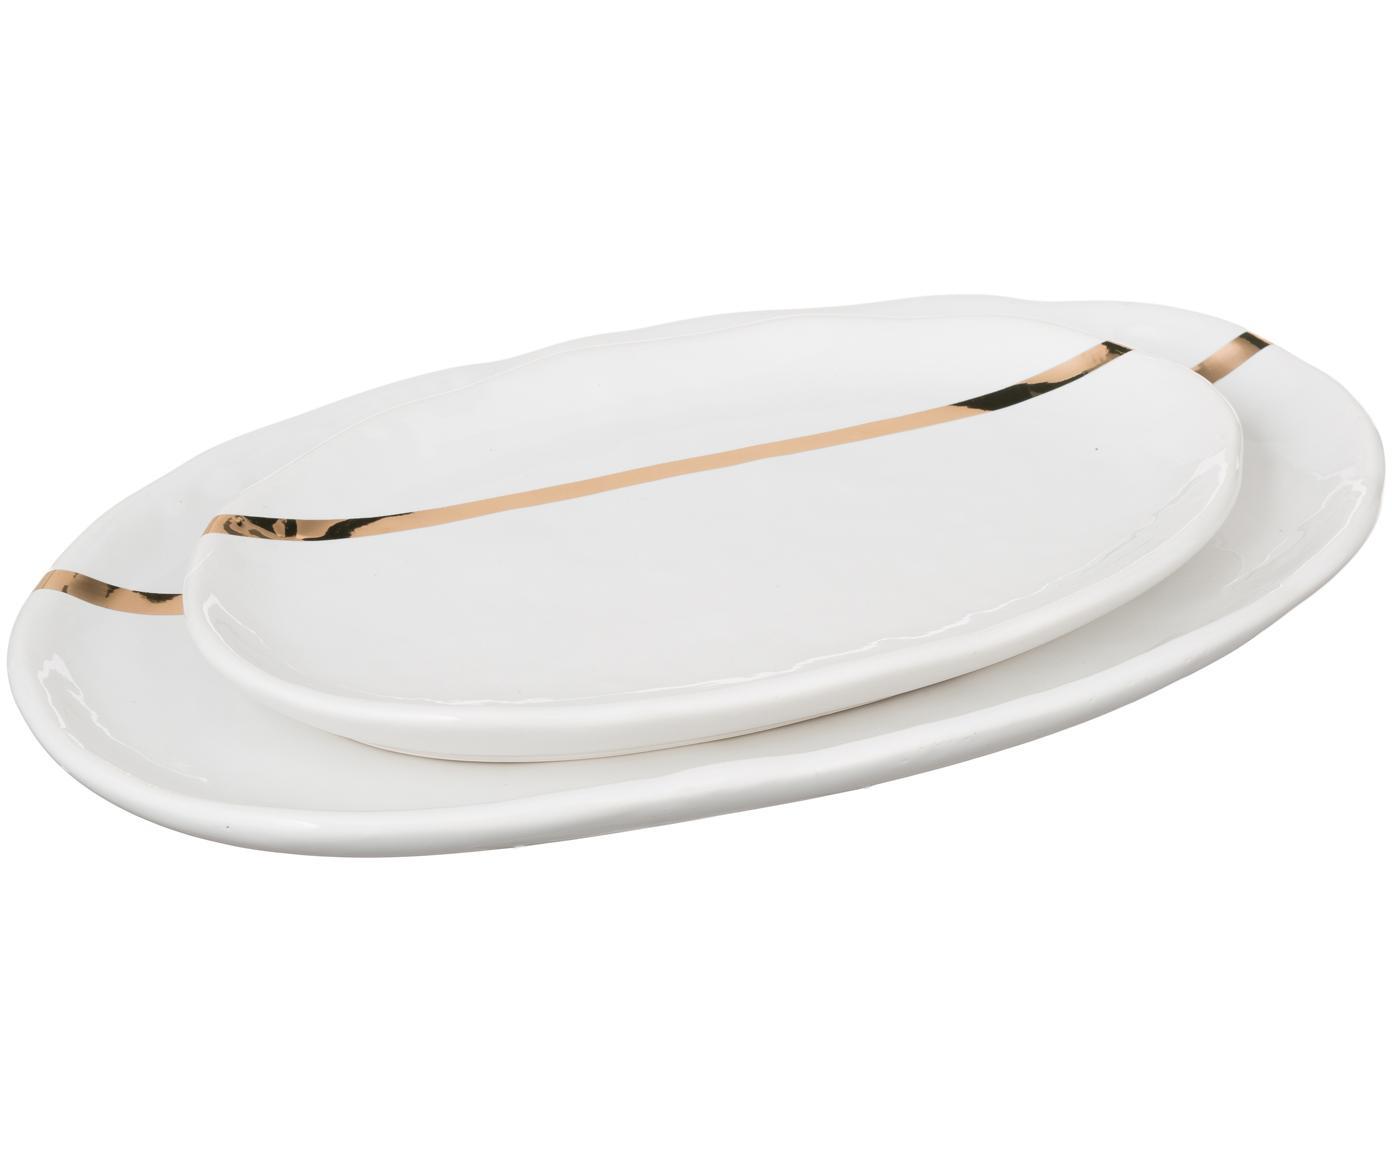 Servierplatten-Set Aruna, 2-tlg., Porzellan, Weiß, Goldfarben, Sondergrößen